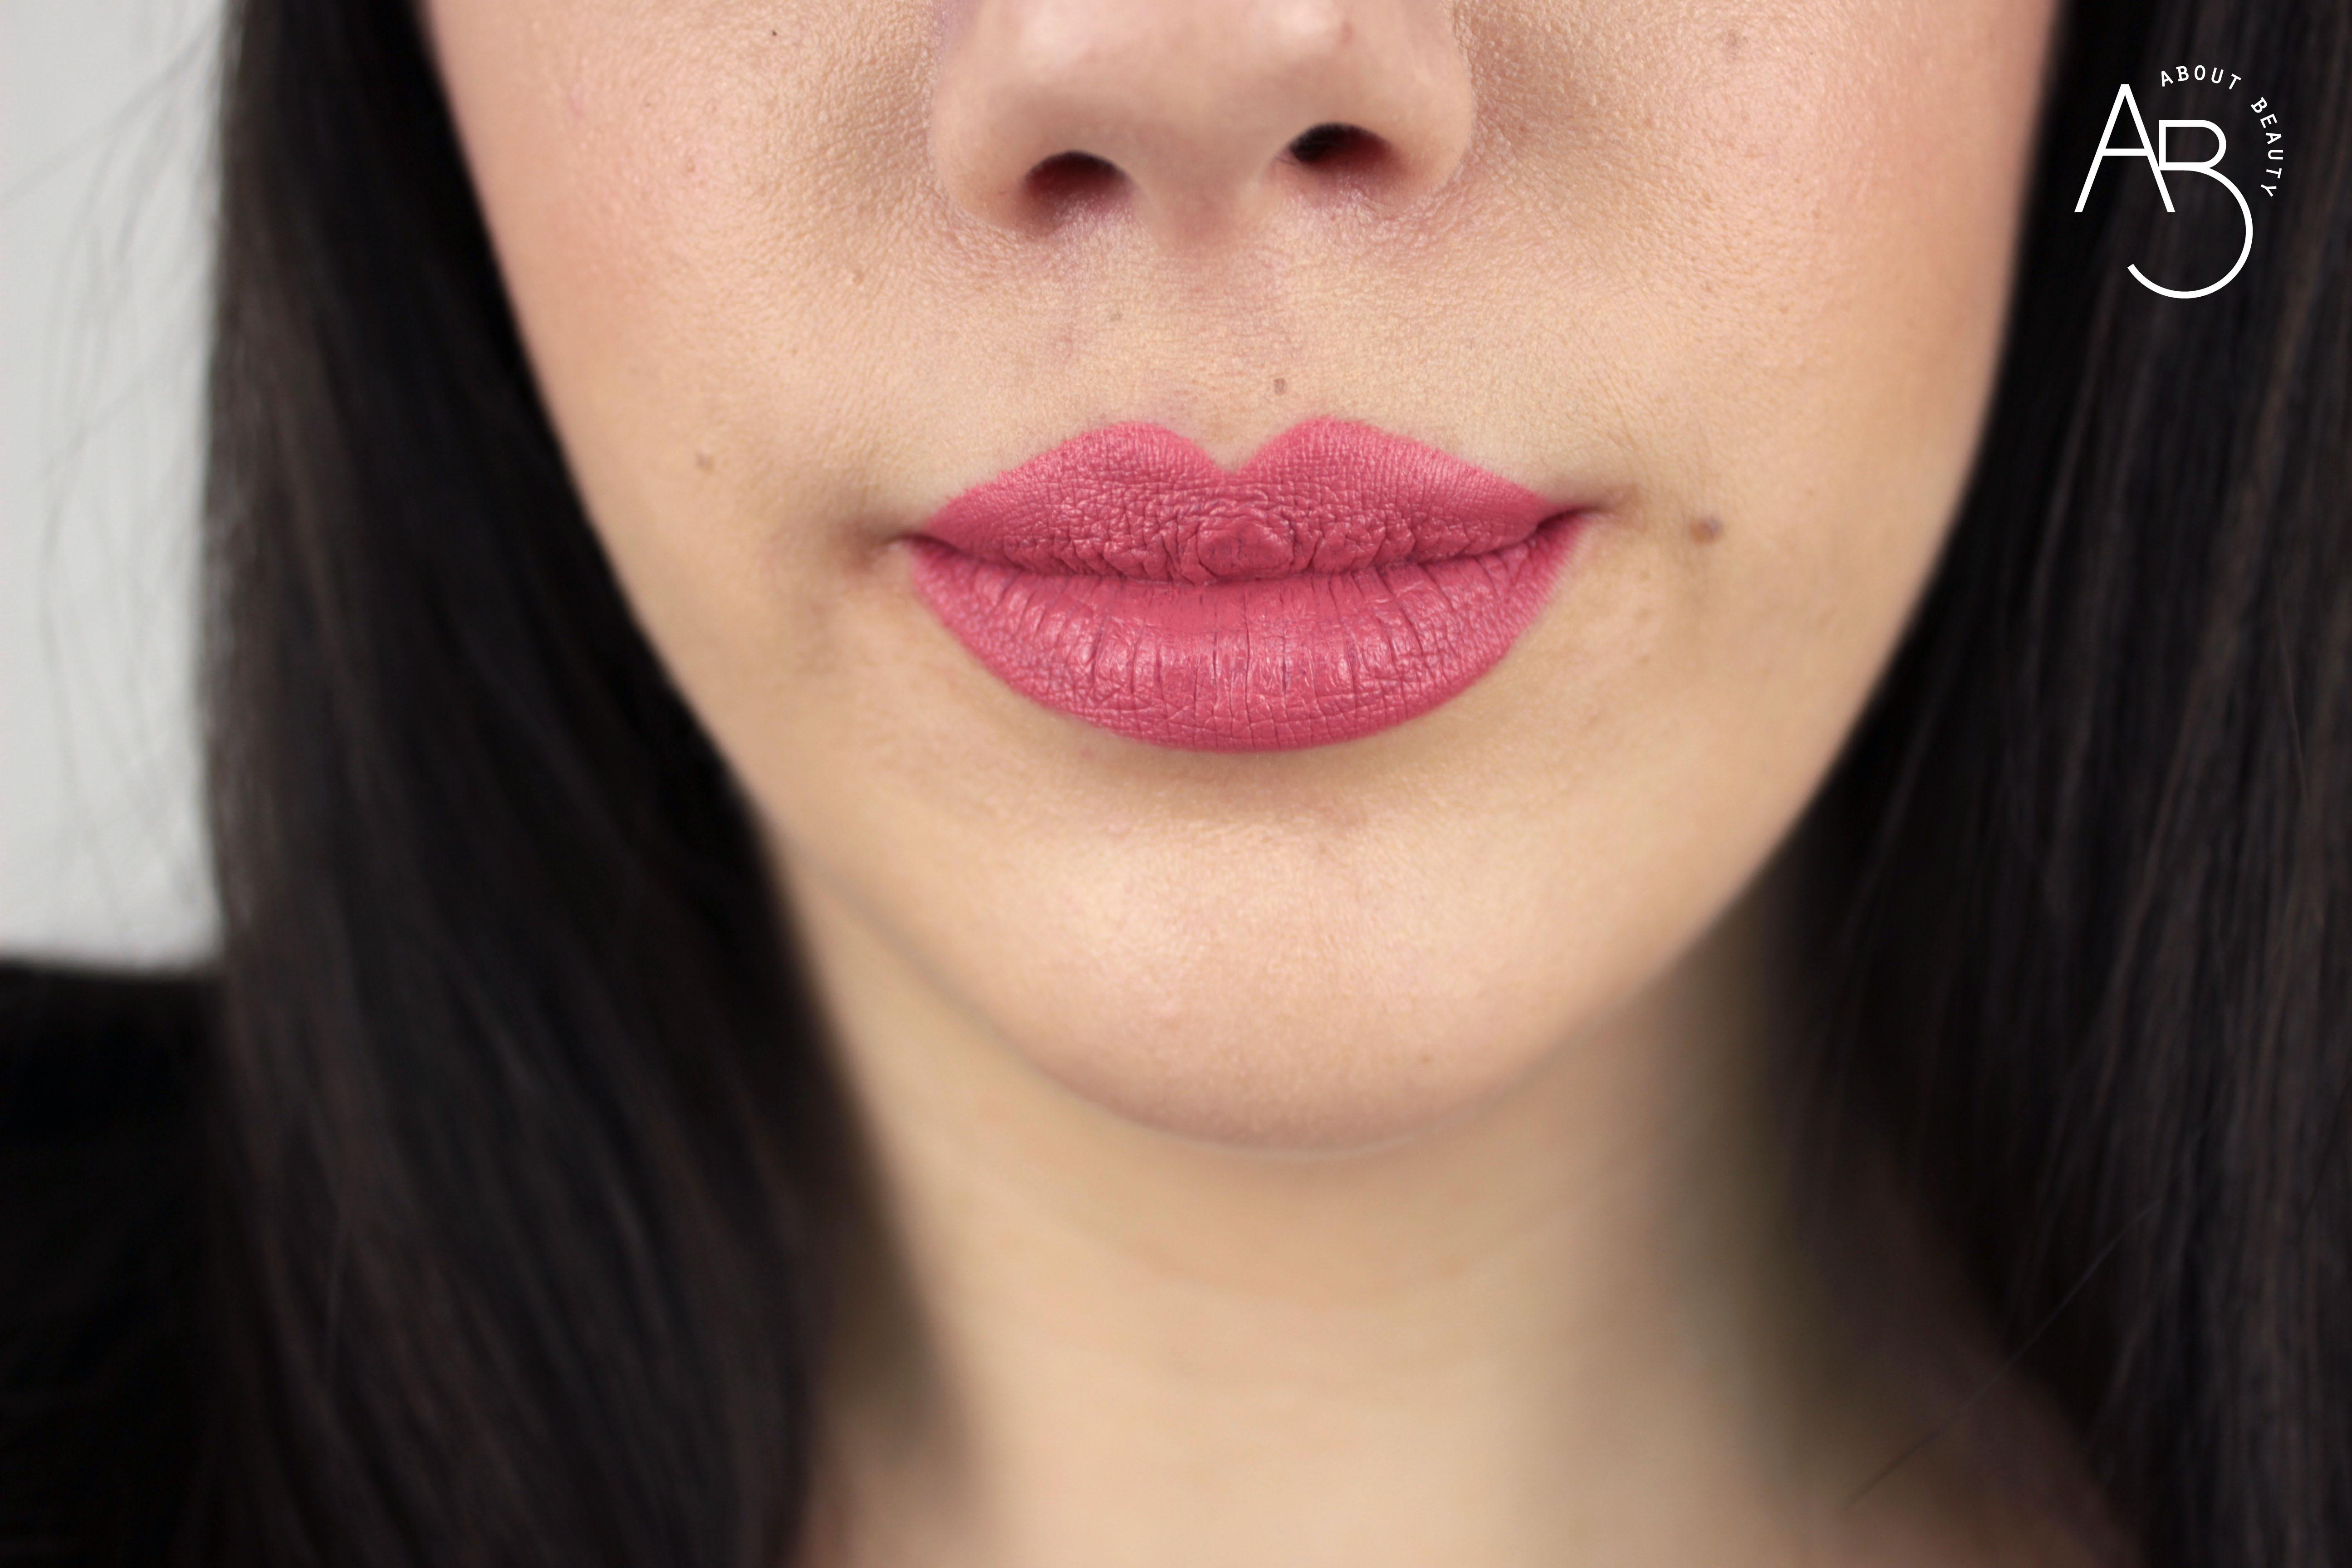 Nuovi rossetti Neve Cosmetics Dessert a Levres 2018: info, foto, swatch, prezzo, data di uscita, dove acquistare, recensione, review - Swatch su labbra di Pink Donut